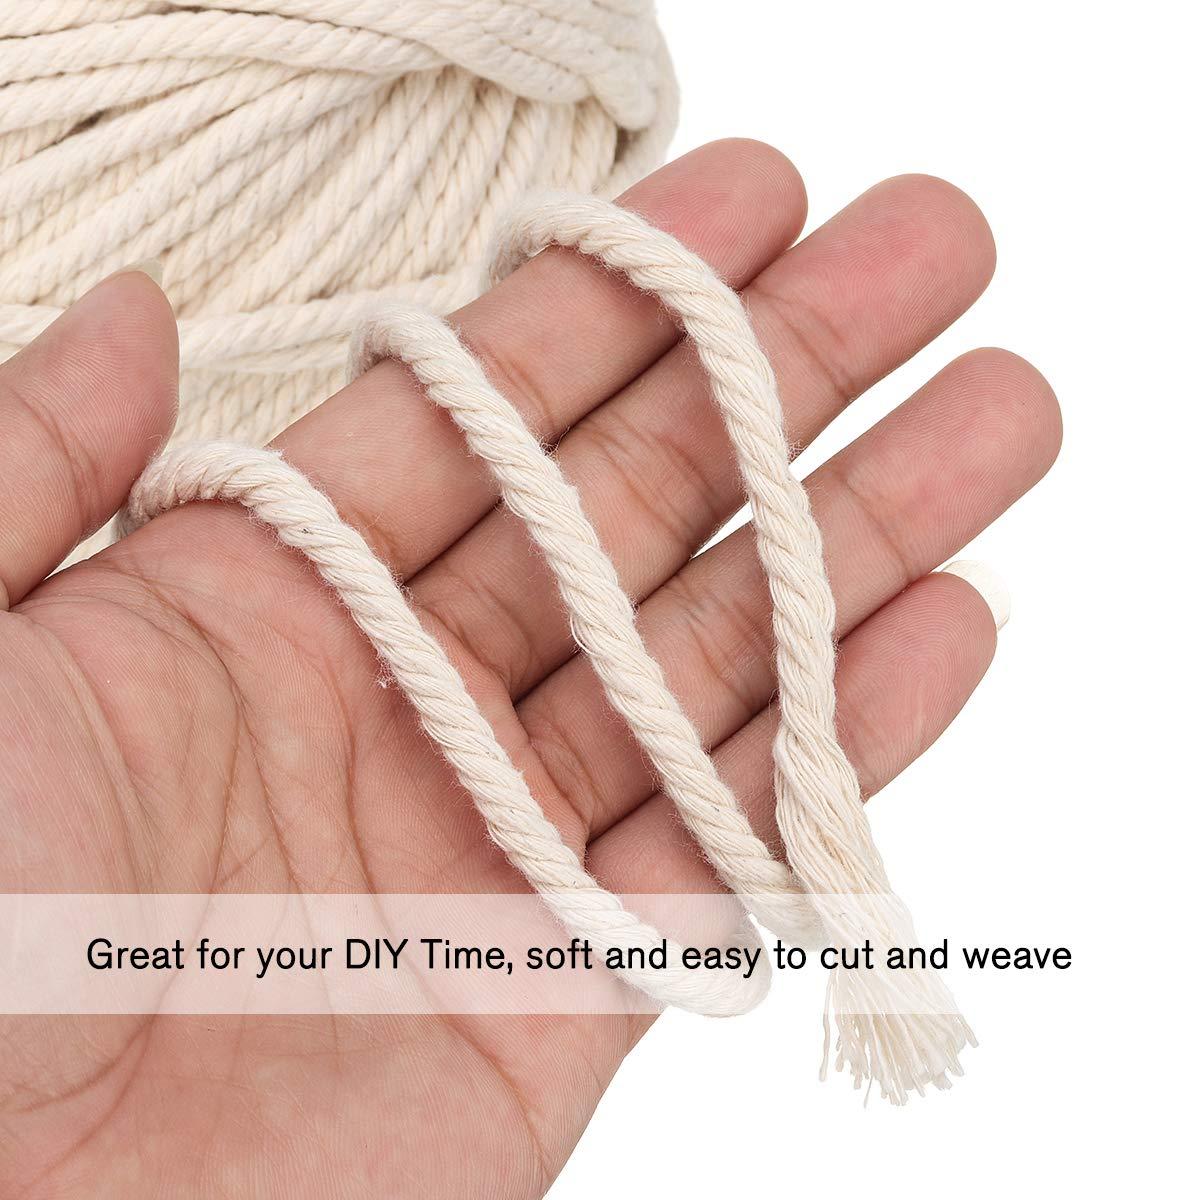 Jeteven Baumwollgarn Baumwollkordel Makramee Garn für DIY Handwerk Basteln Wand Aufhängung Pflanze Aufhänger (5mm x 60m)